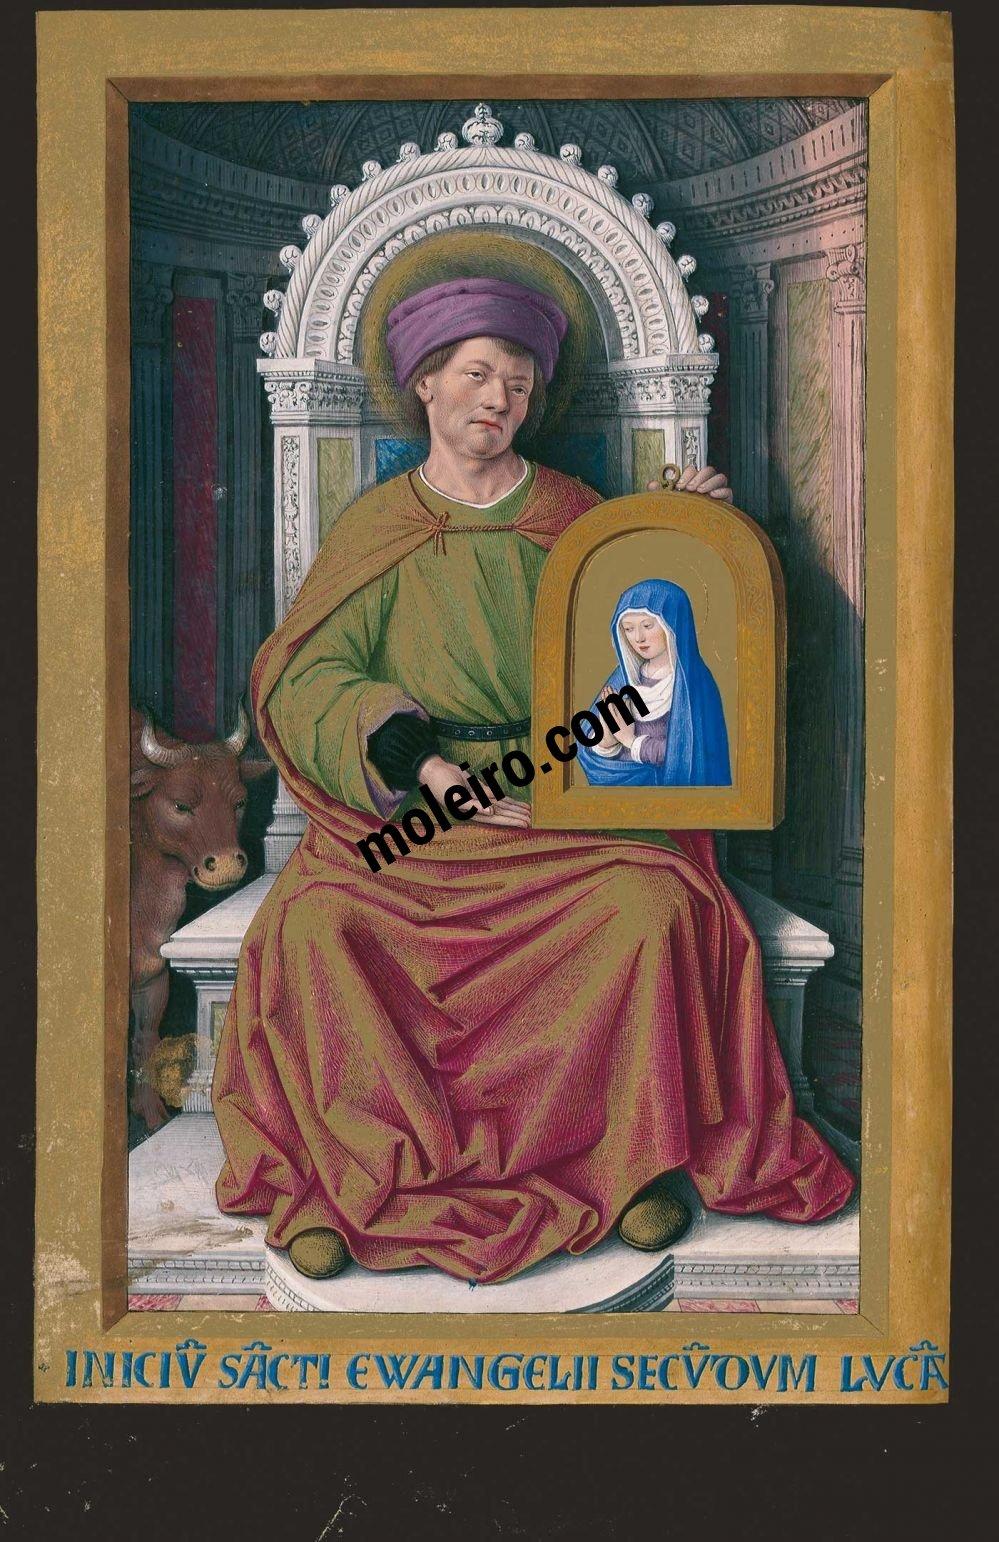 Grandes Horas de Ana da Bretanha São Lucas apresentando o retrato da Virgem, f. 19v